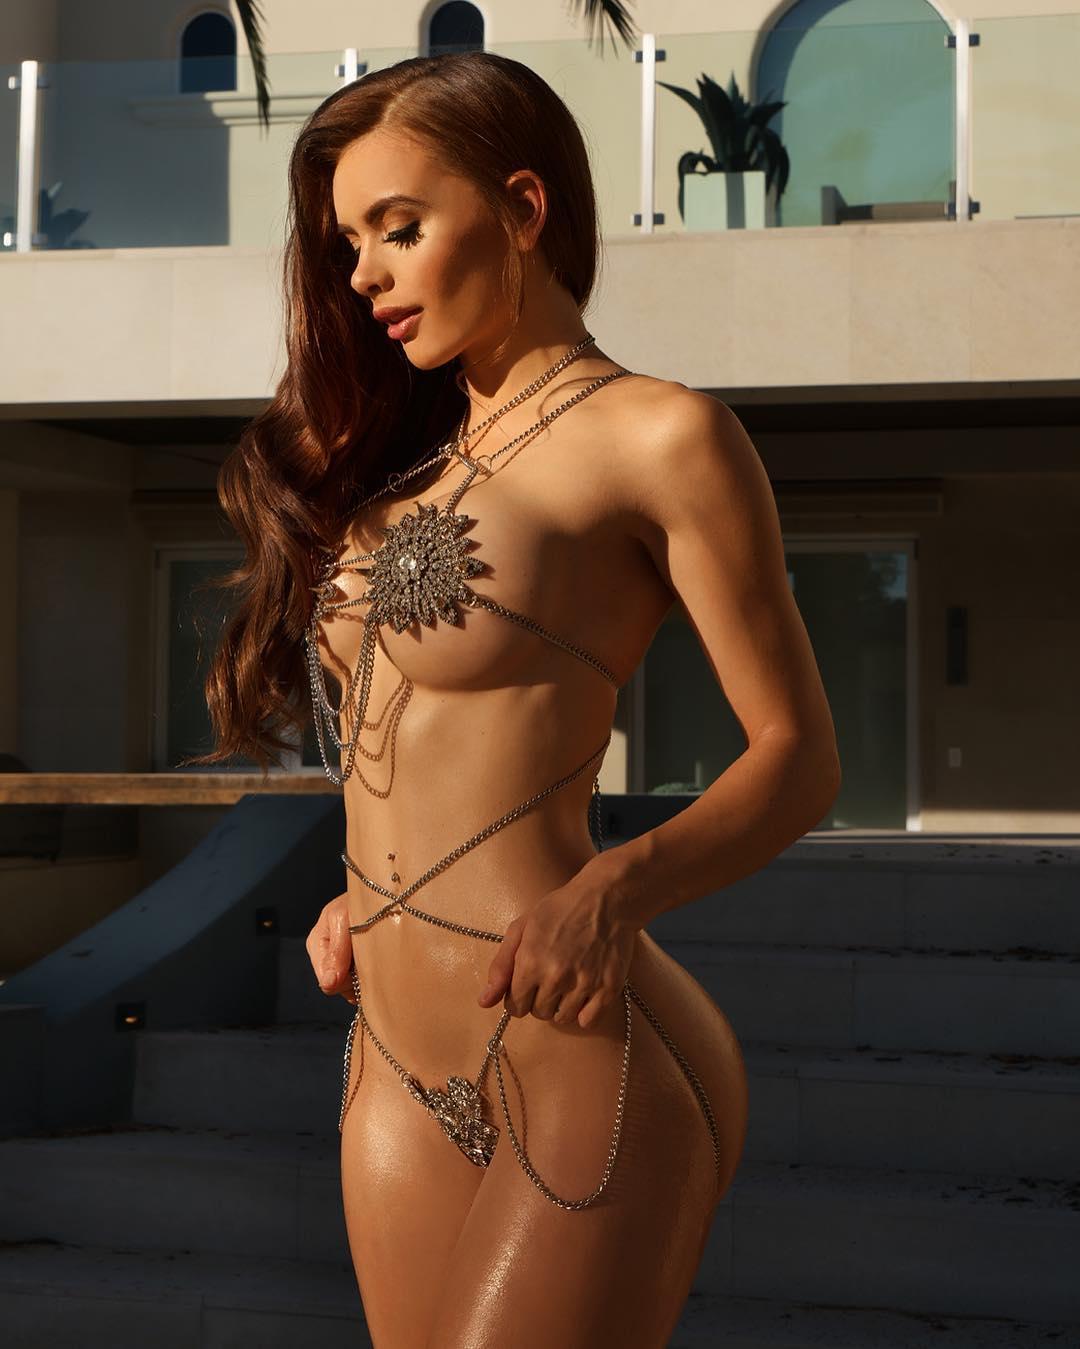 Allison Parker Hot she got nice curves: allison parker 22